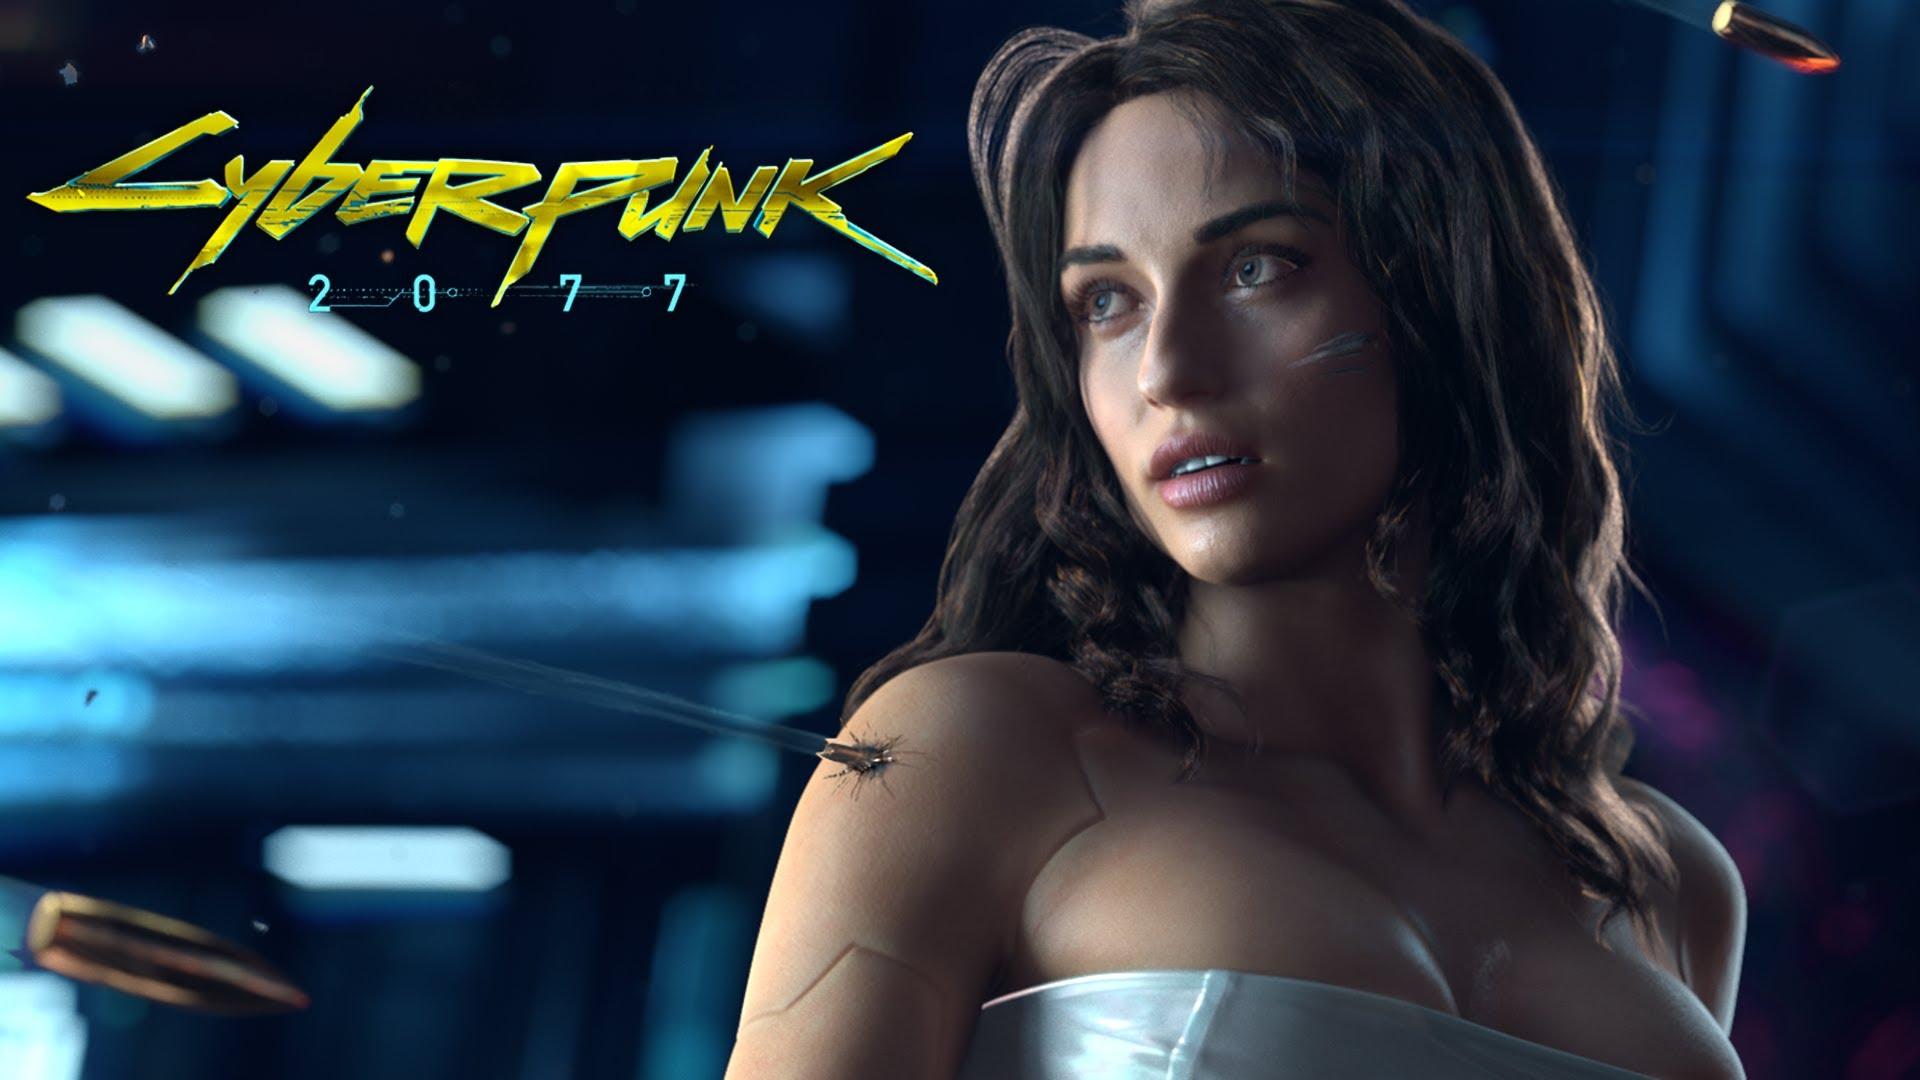 cyberpunk-2077-video-games.jpg